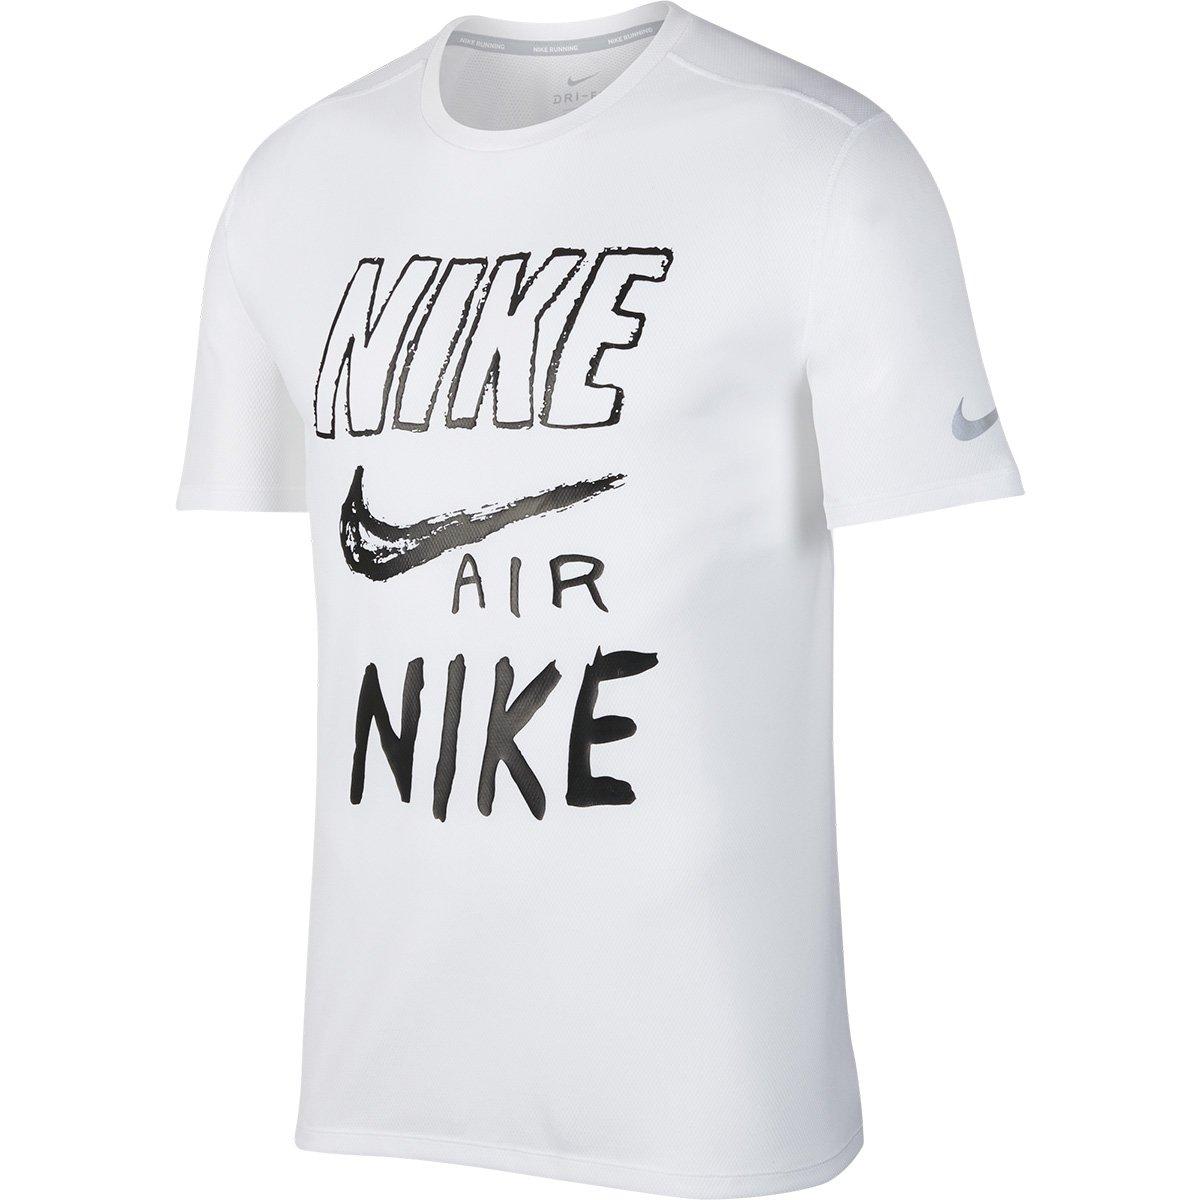 fb17fe569509e Camiseta Nike Brthe Run Gx Masculina - Branco e Preto - Compre Agora ...